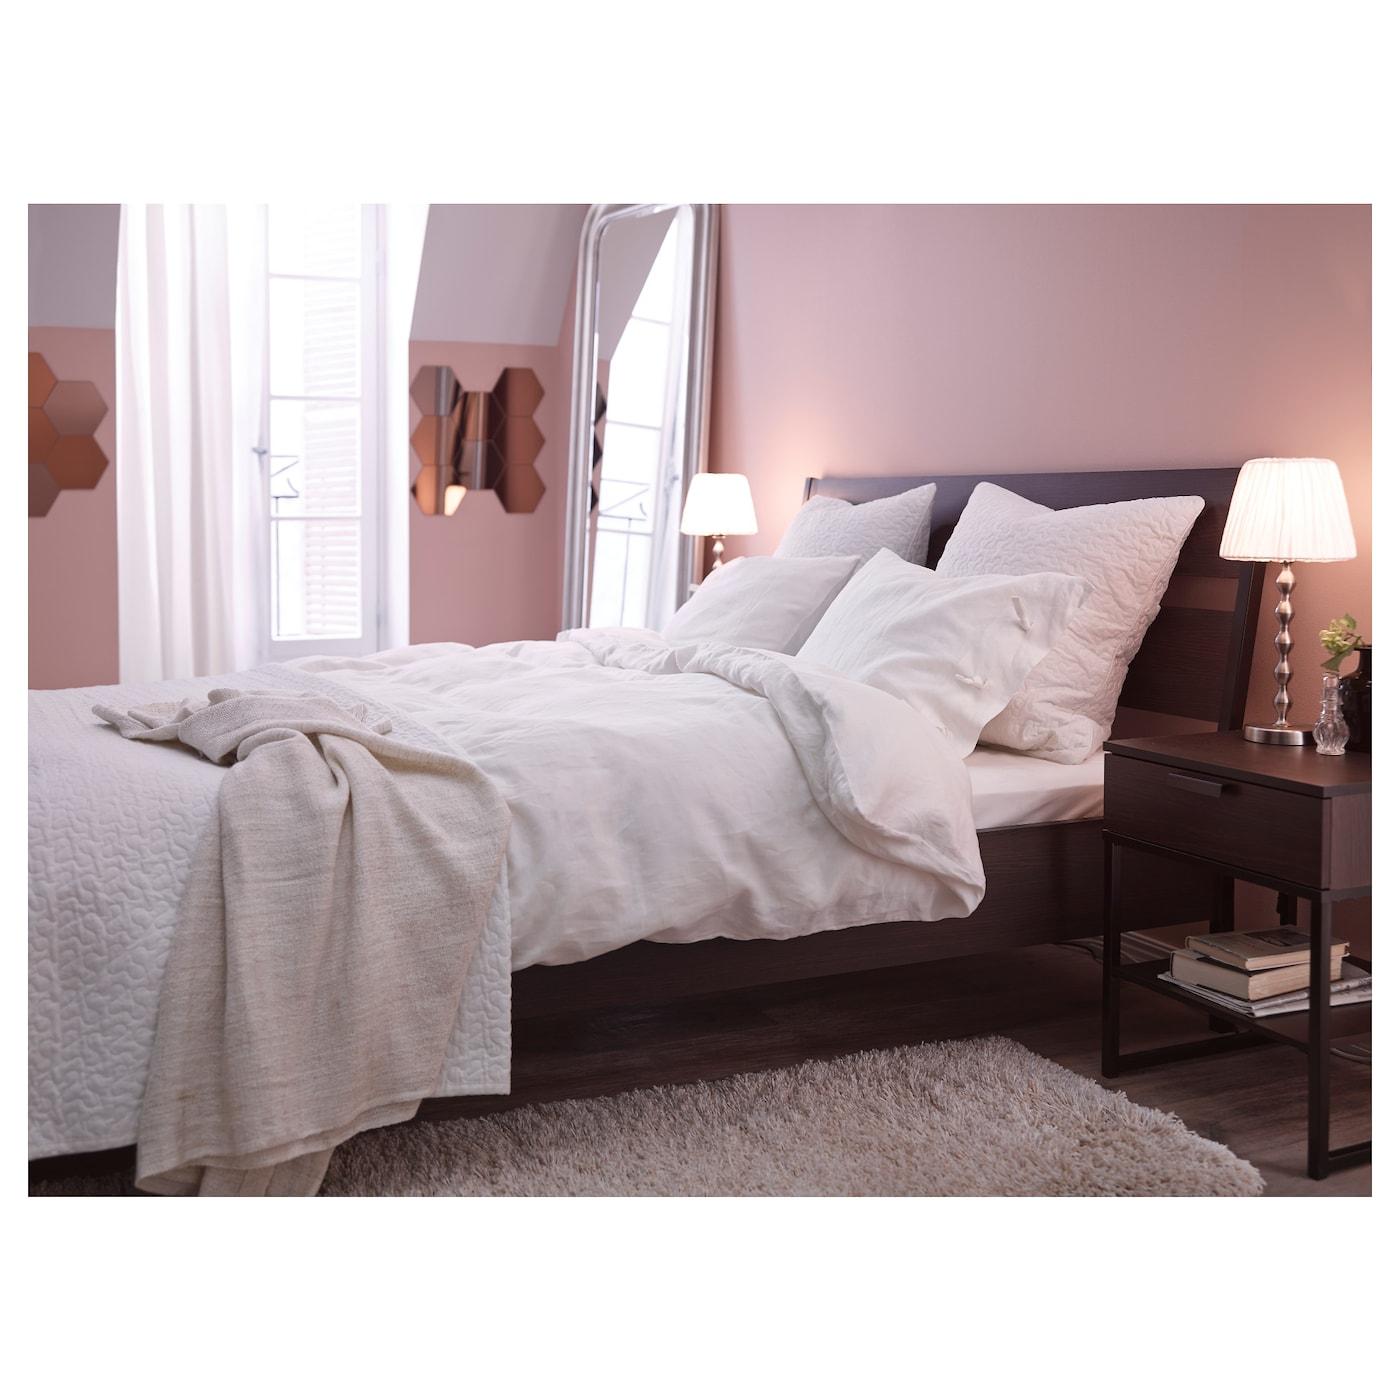 trysil cadre de lit brun fonc noir 160x200 cm ikea. Black Bedroom Furniture Sets. Home Design Ideas